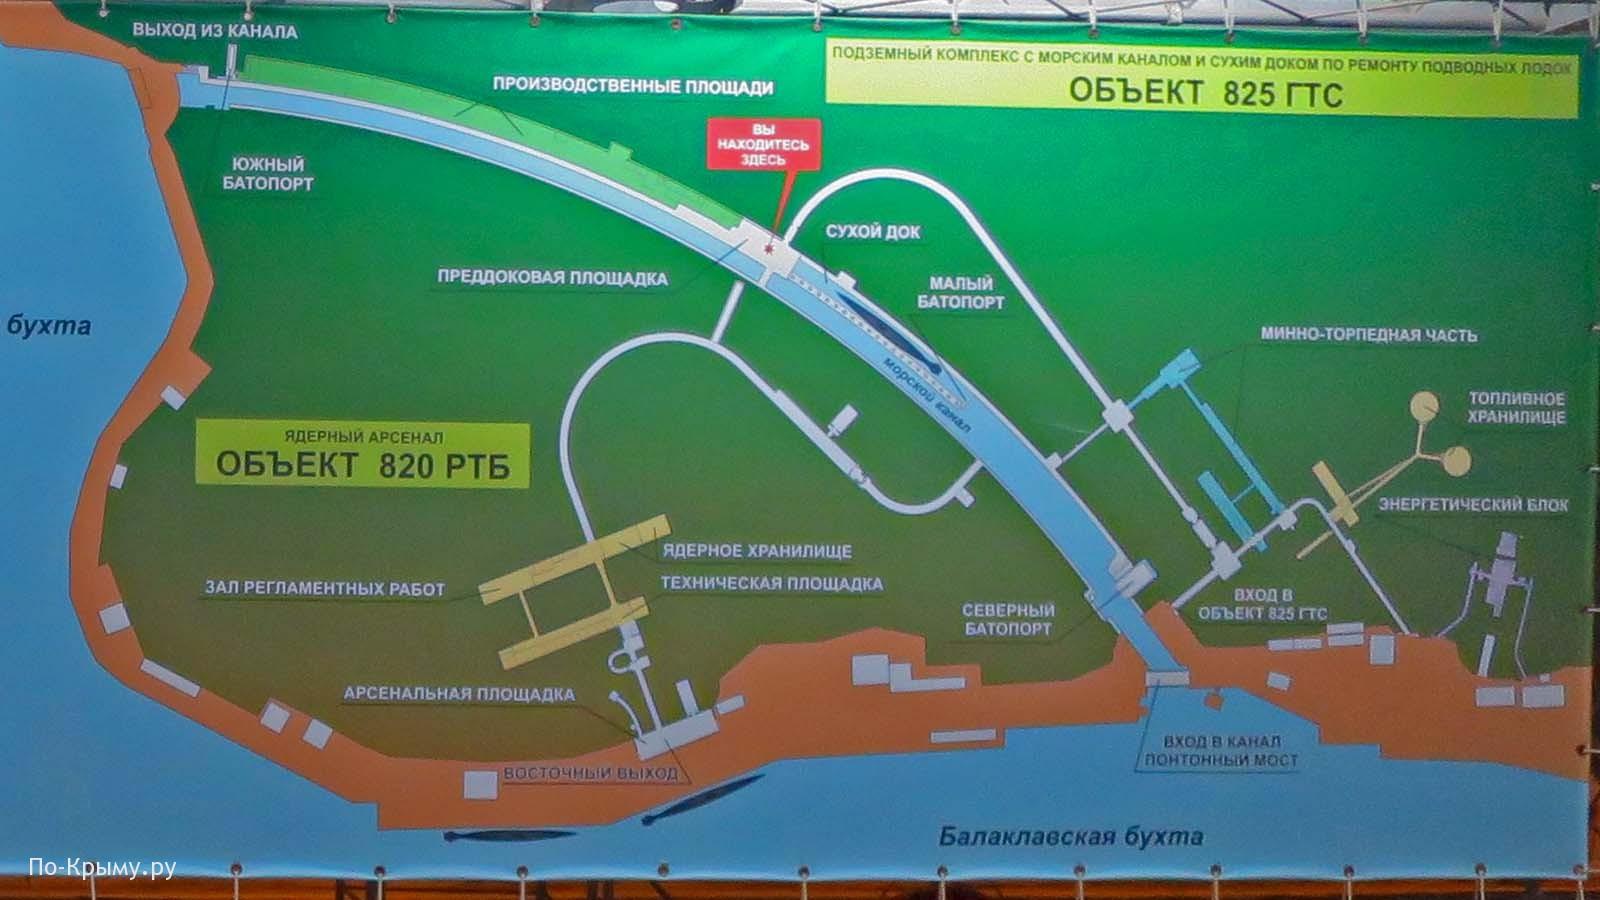 Схема базы подлодок под горой Таврос